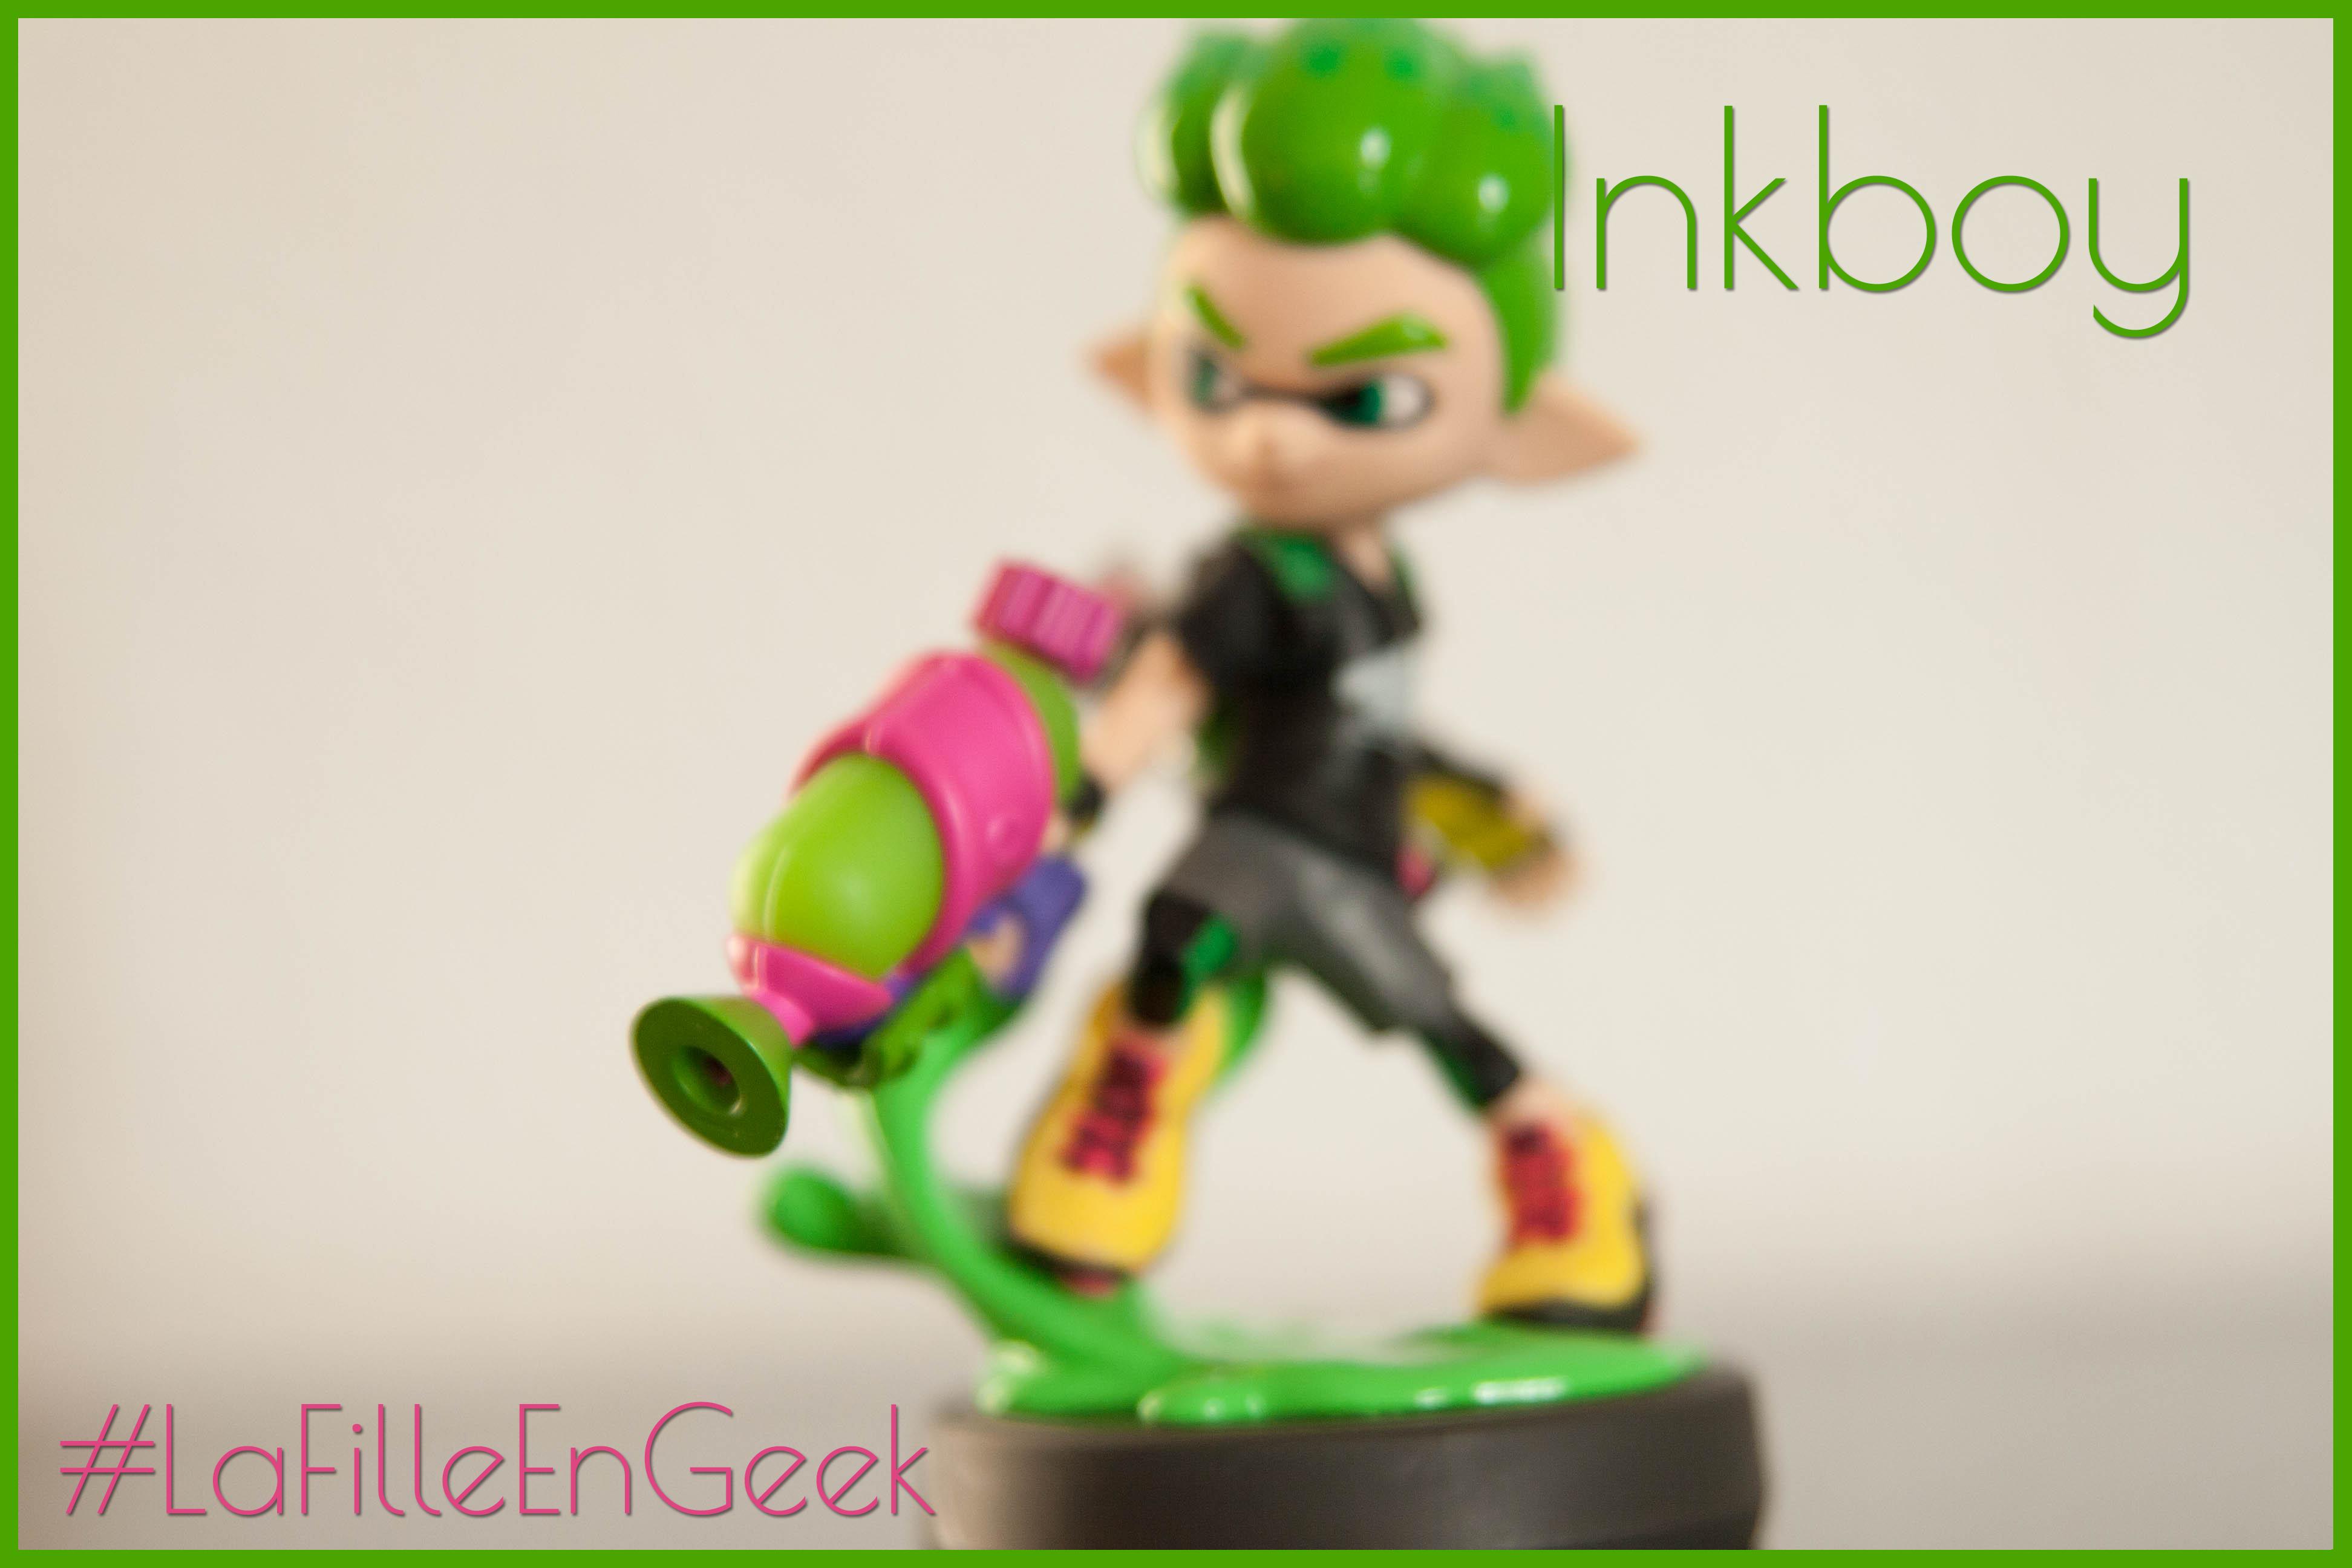 Amiibo Splatoon 2 Fille Geek